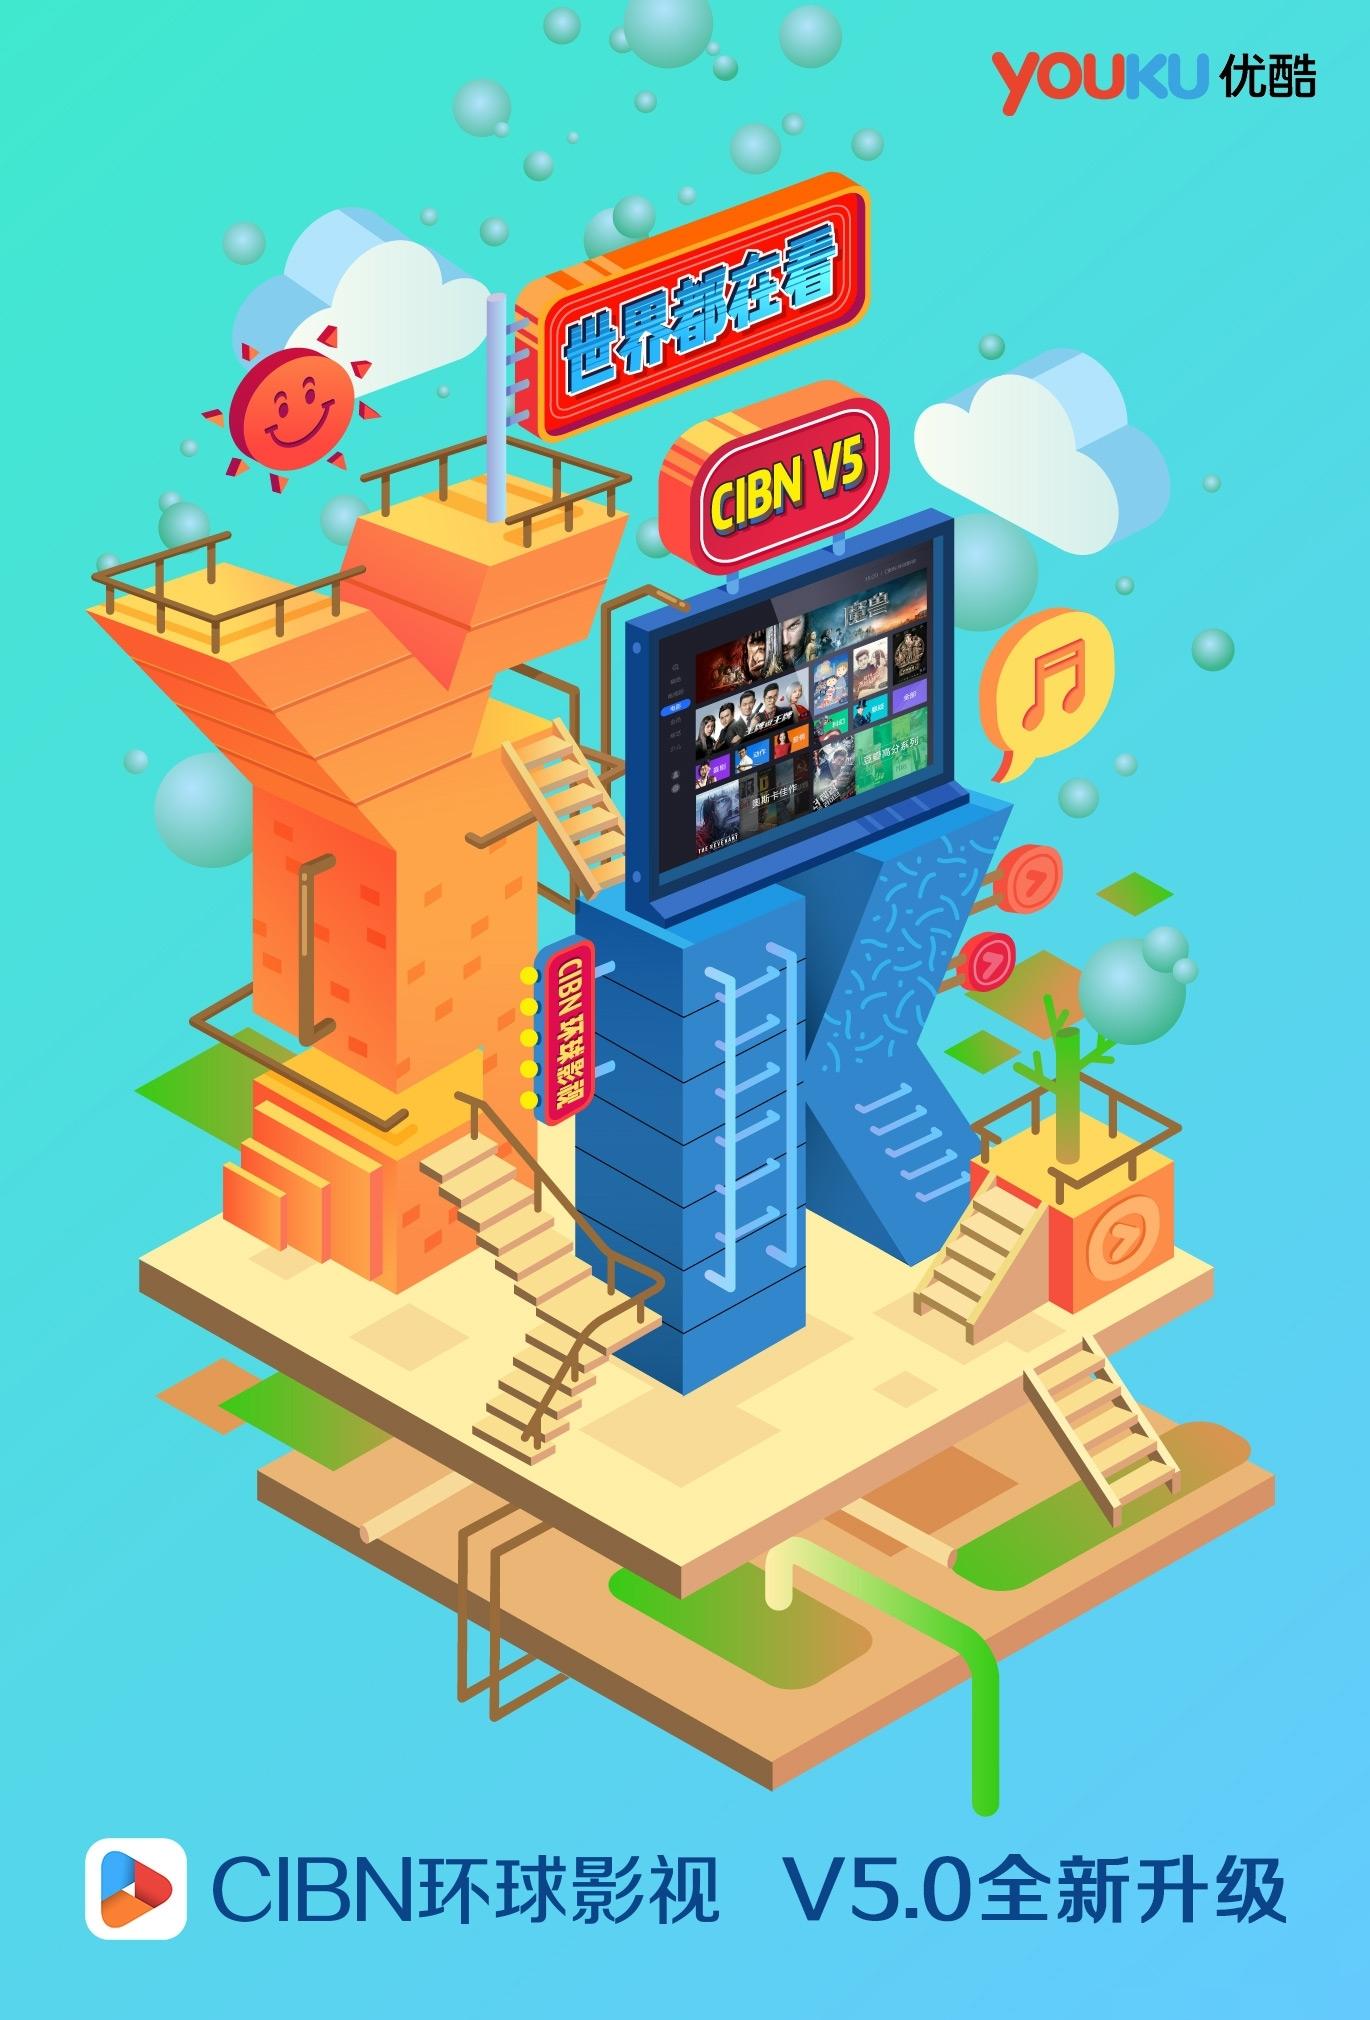 【开奖】优酷TV V5.0全新升级了,下载观看精彩内容,赢取豪礼!